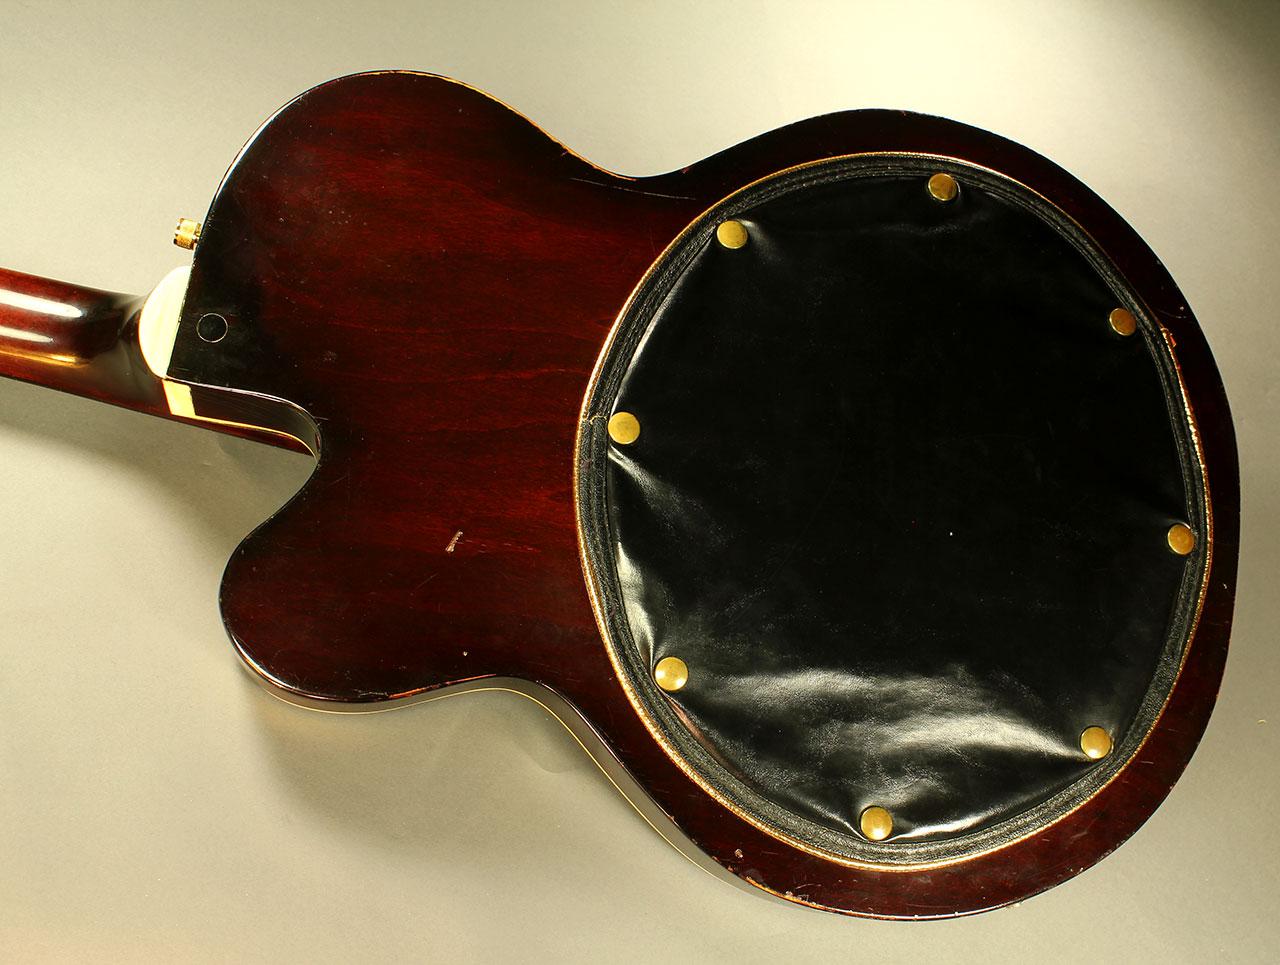 Gretsch-6071-bass-1968-cons-back-1